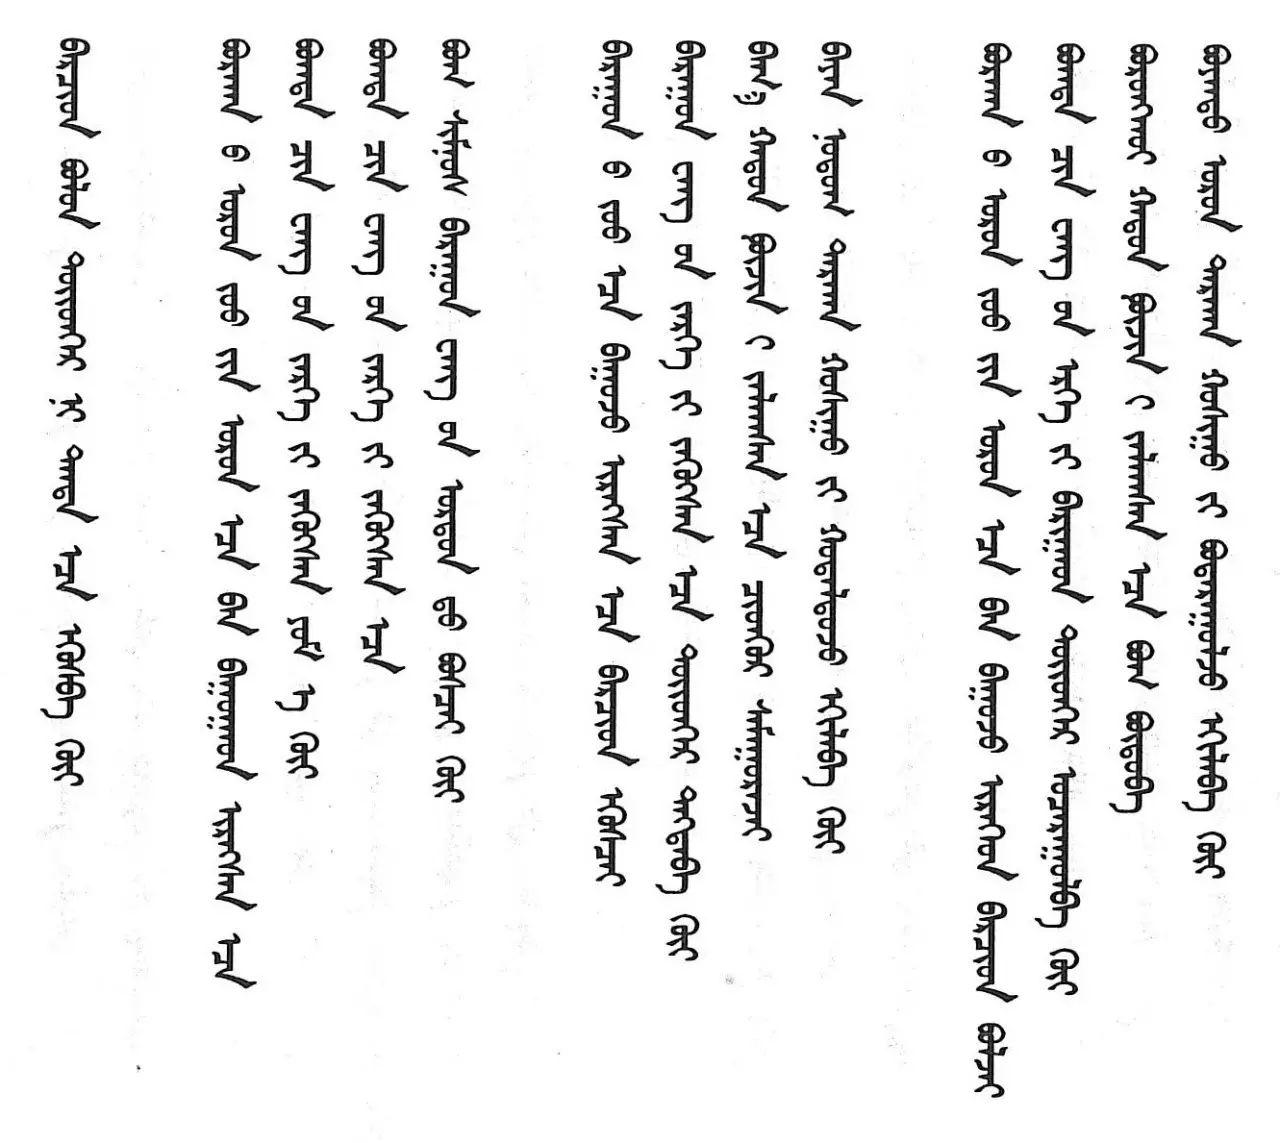 【每日歌词】科尔沁民歌《达尔罕王歌》(又名《巴林田》) 第7张